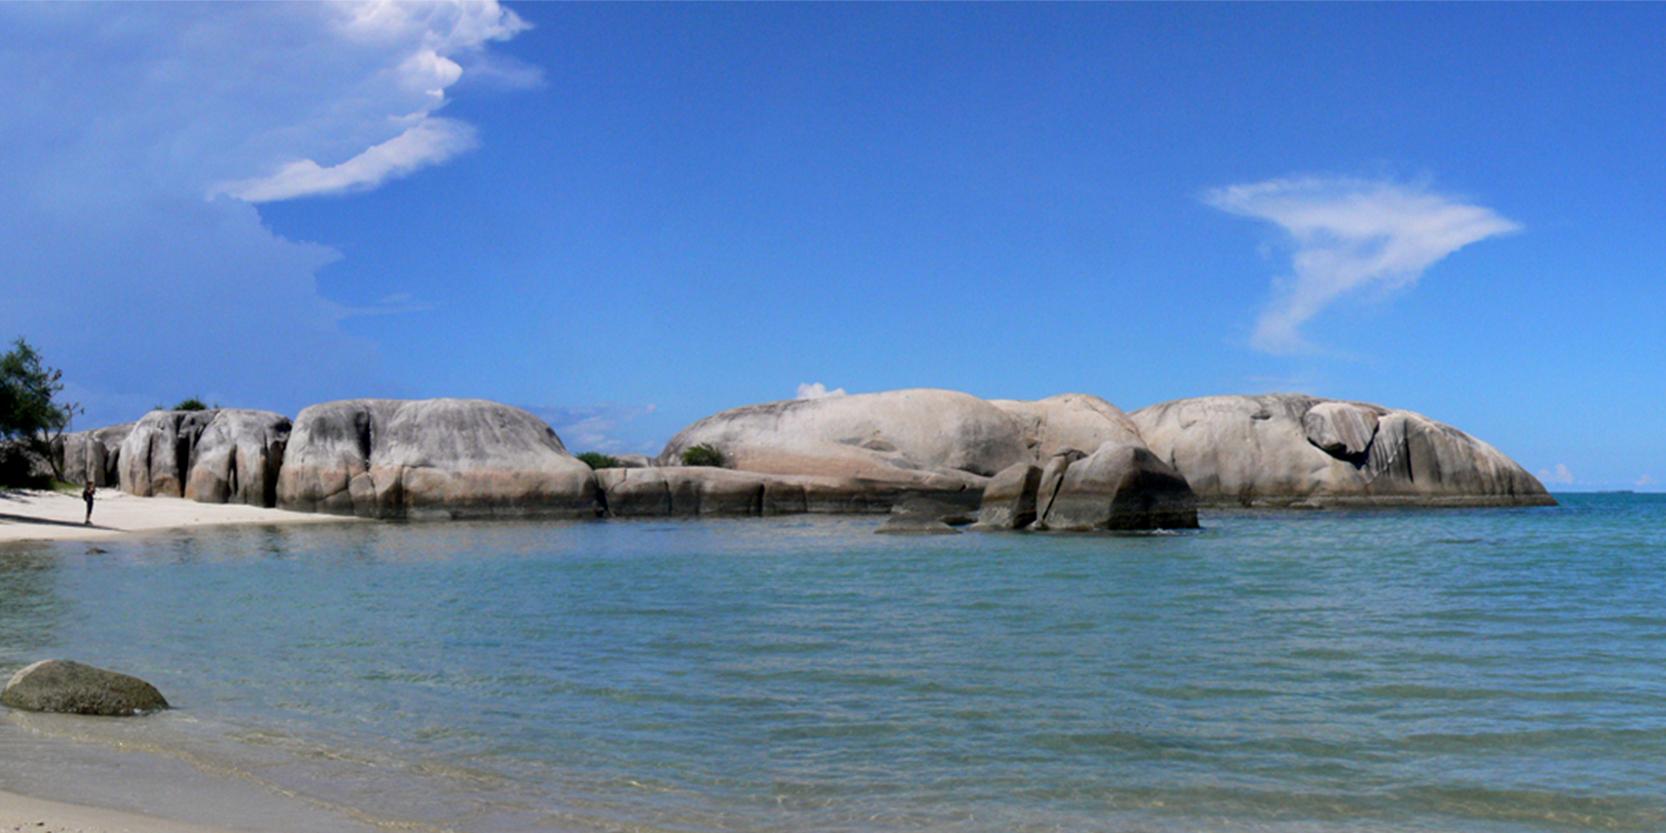 Pantai Penyabong Go Belitung Indonesia